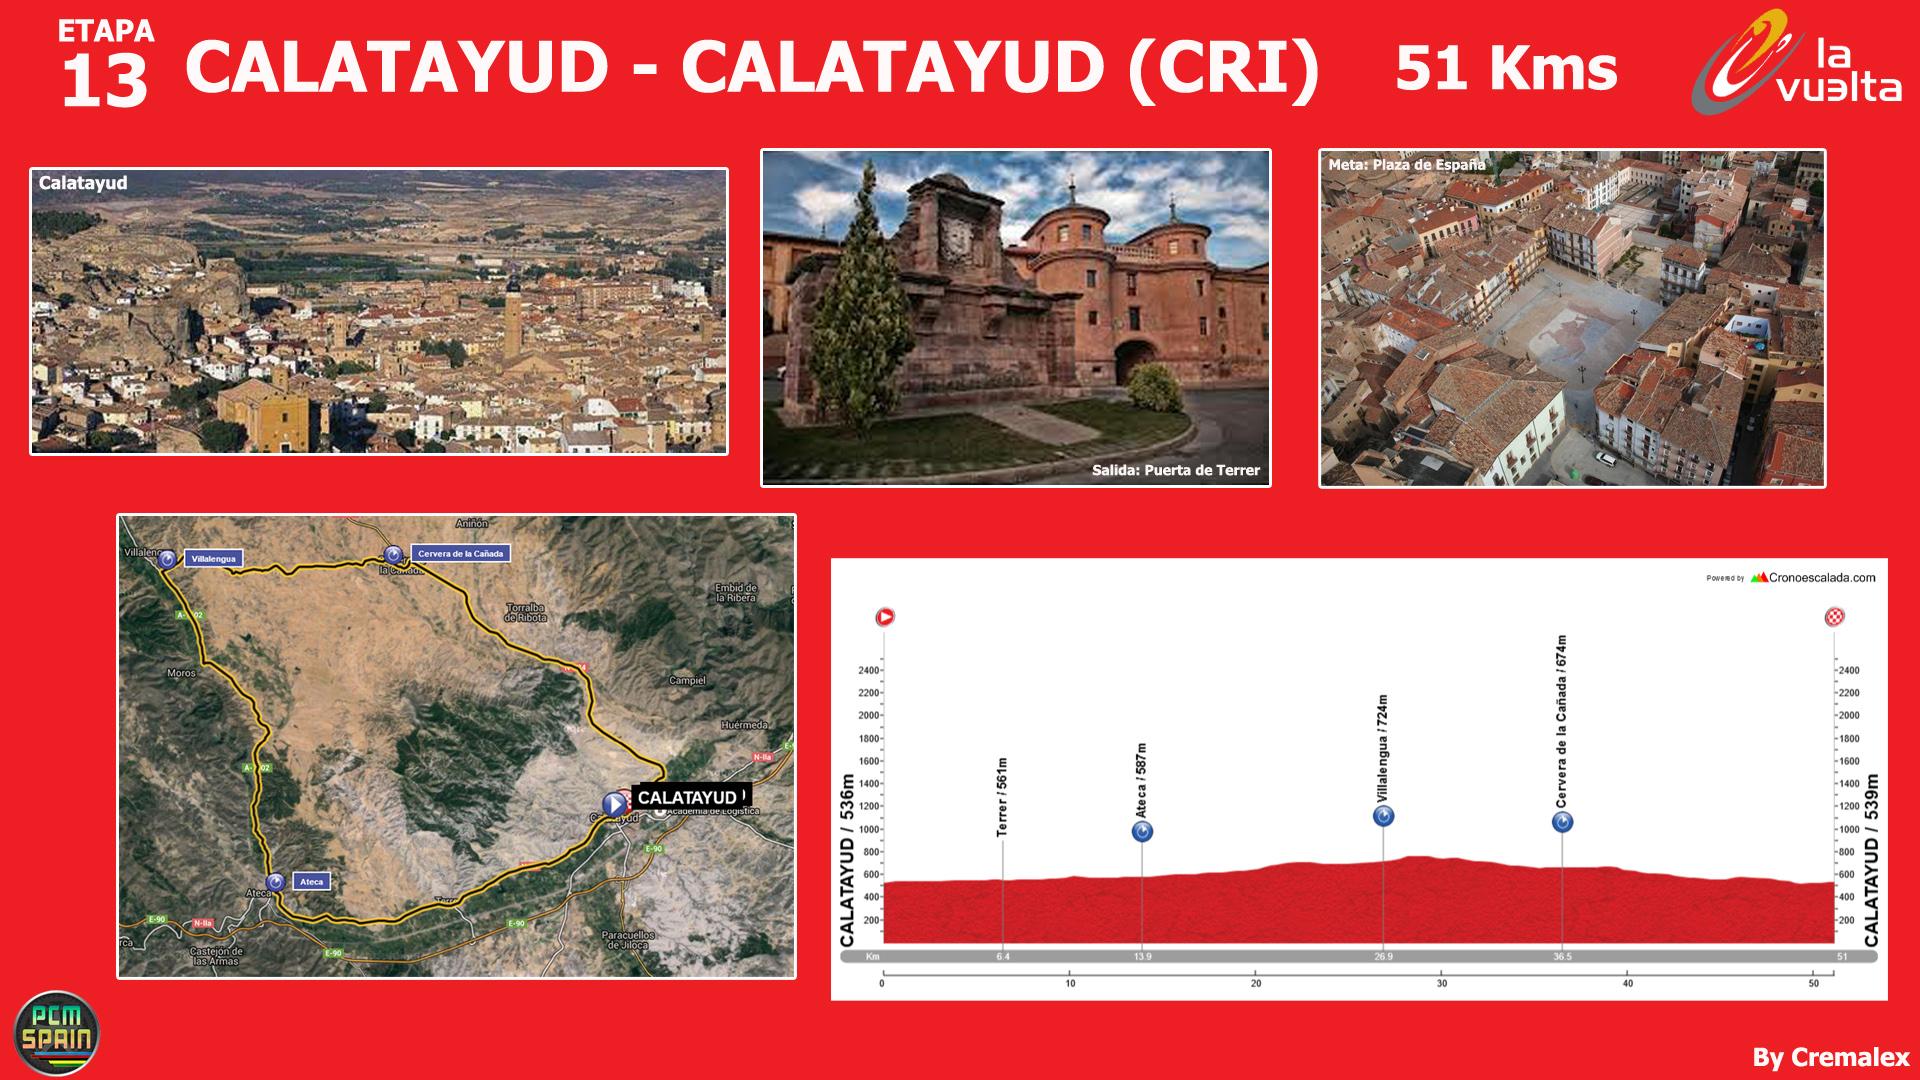 Concurso Vuelta a España 2015 - Página 6 776222Etapas13